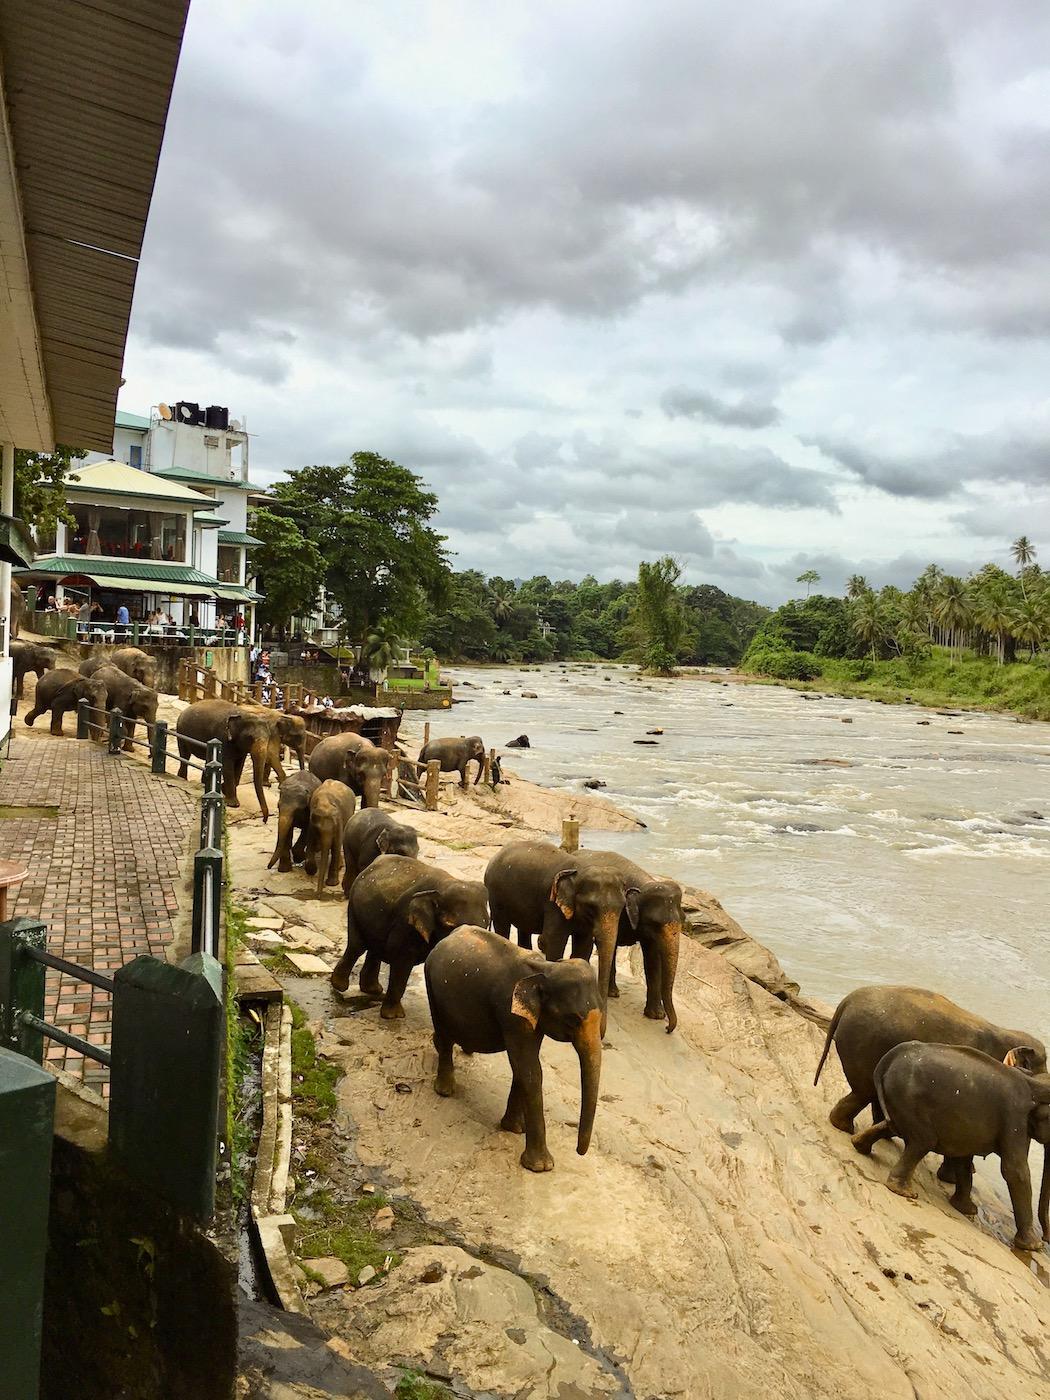 Arrival of elephants at Maha Oya River. Photo: Patti Neves